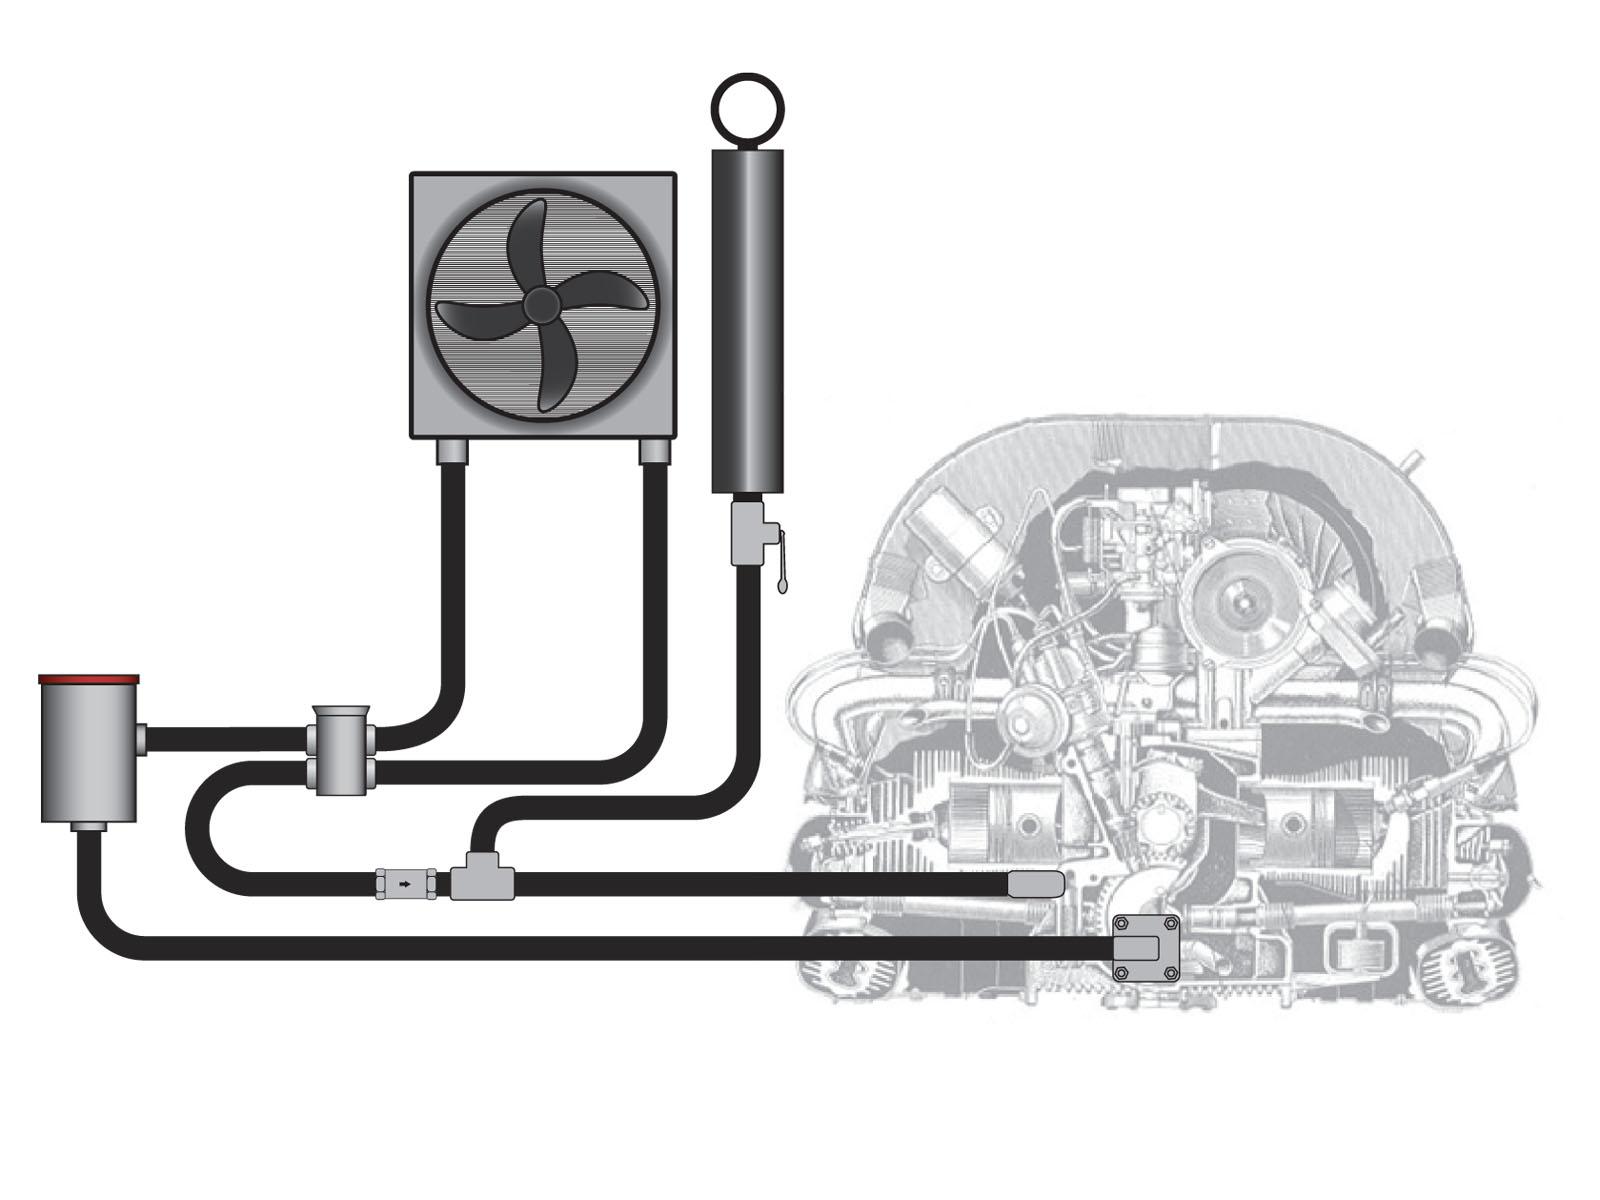 Wiring Diagram Database  Vw Full Flow Oil System Diagram